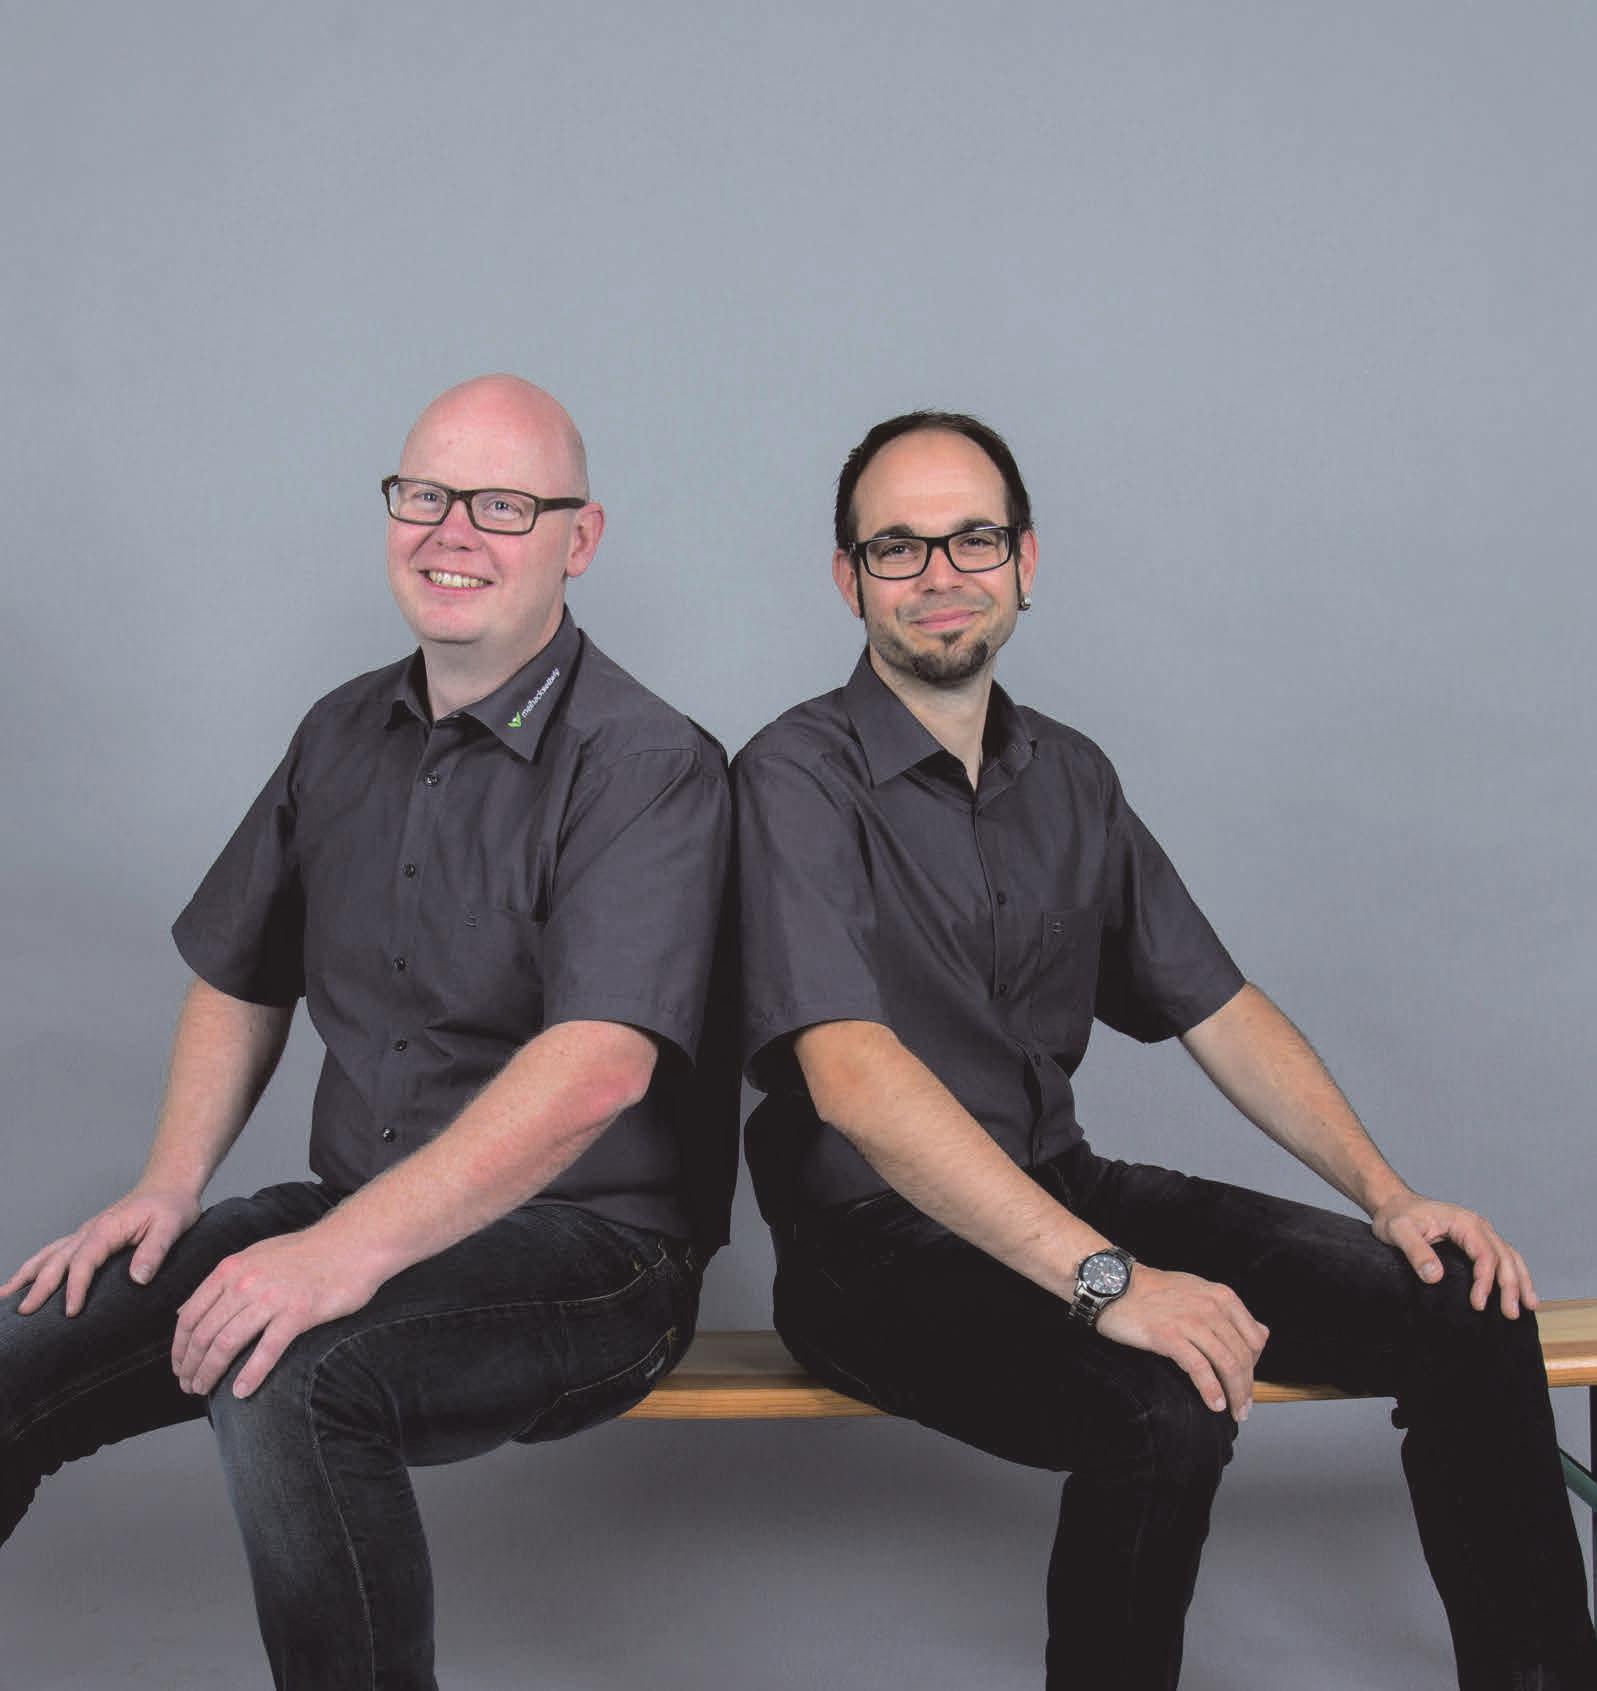 Kreativität und solide Handwerkkunst verkörpern Michael Meihack (l.) und Stefan Sellwig. FOTOS: MEIHACK & SELLWIG